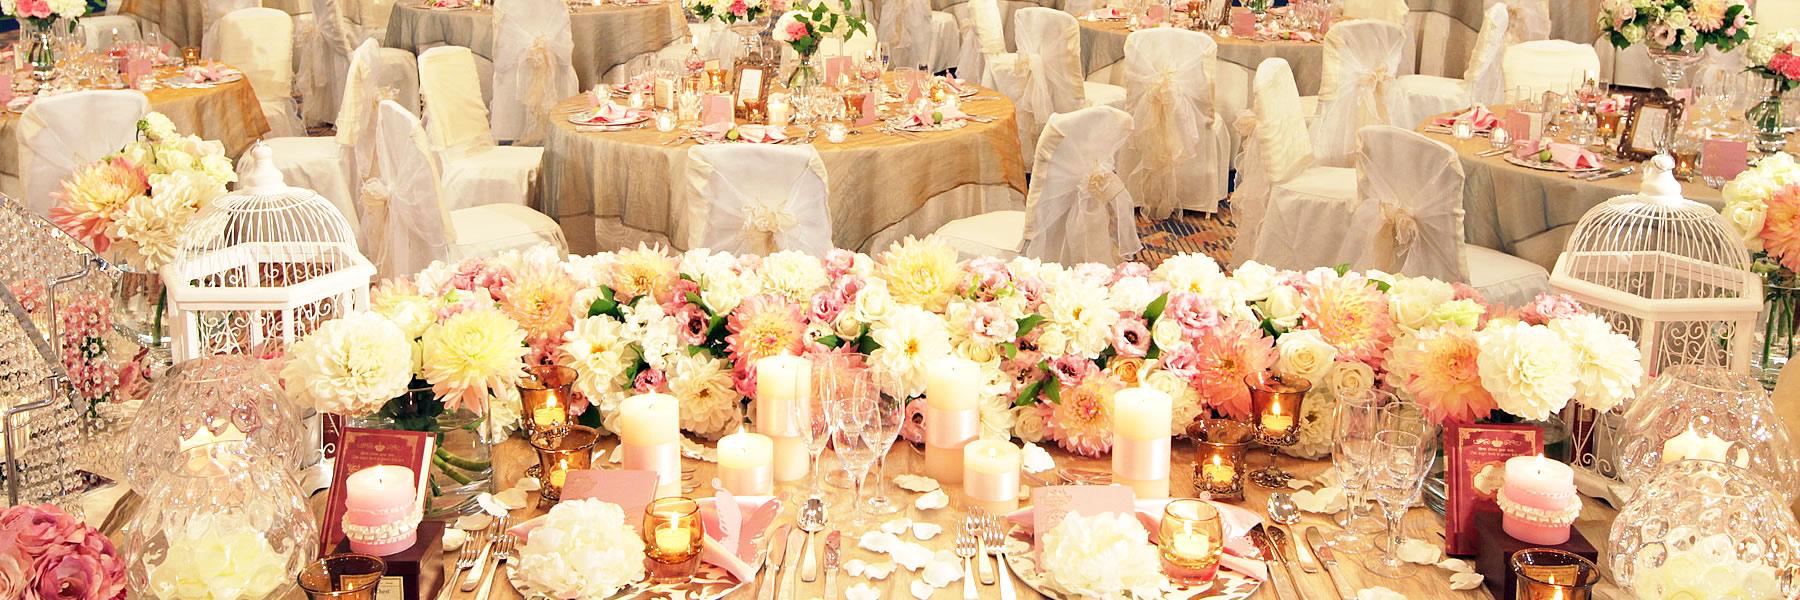 新着情報|レンブラントホテル鹿児島【公式】婚礼サイト